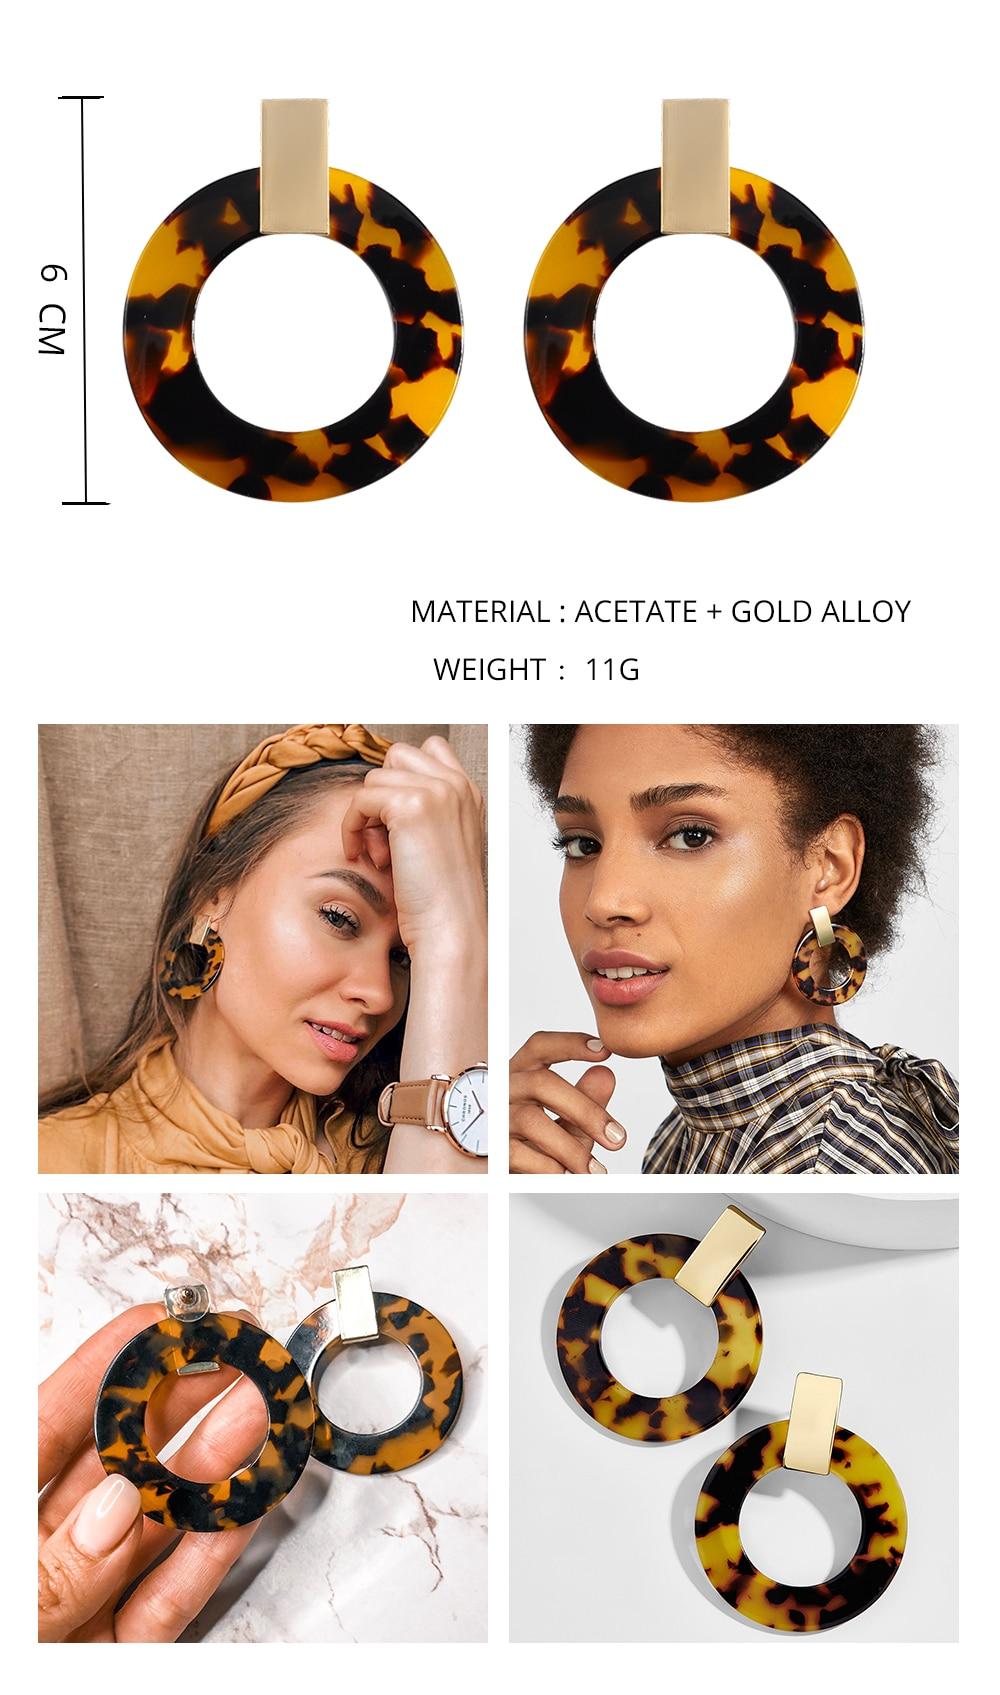 Женские леопардовые фигурные серьги ZA, висячие серьги черепаховой расцветки из акрилацетата, украшения для вечеринок